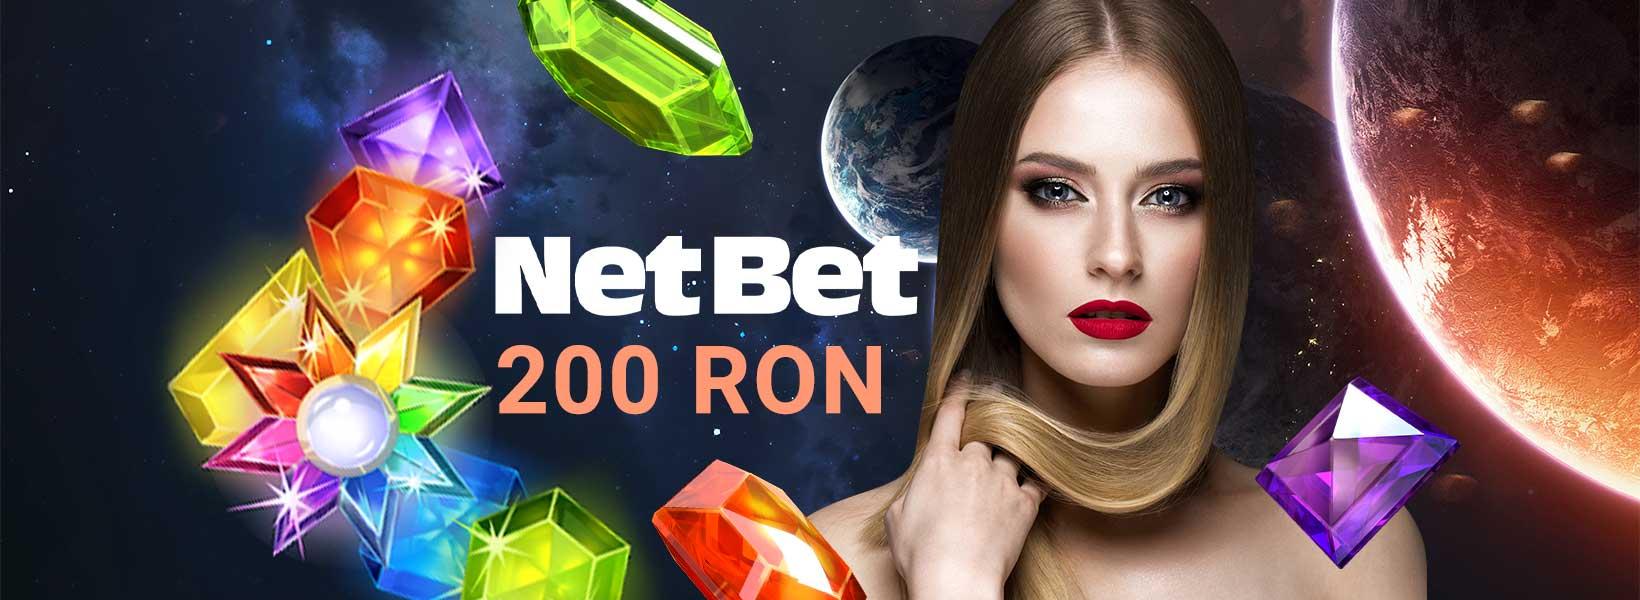 Bonus Exclusiv Netbet